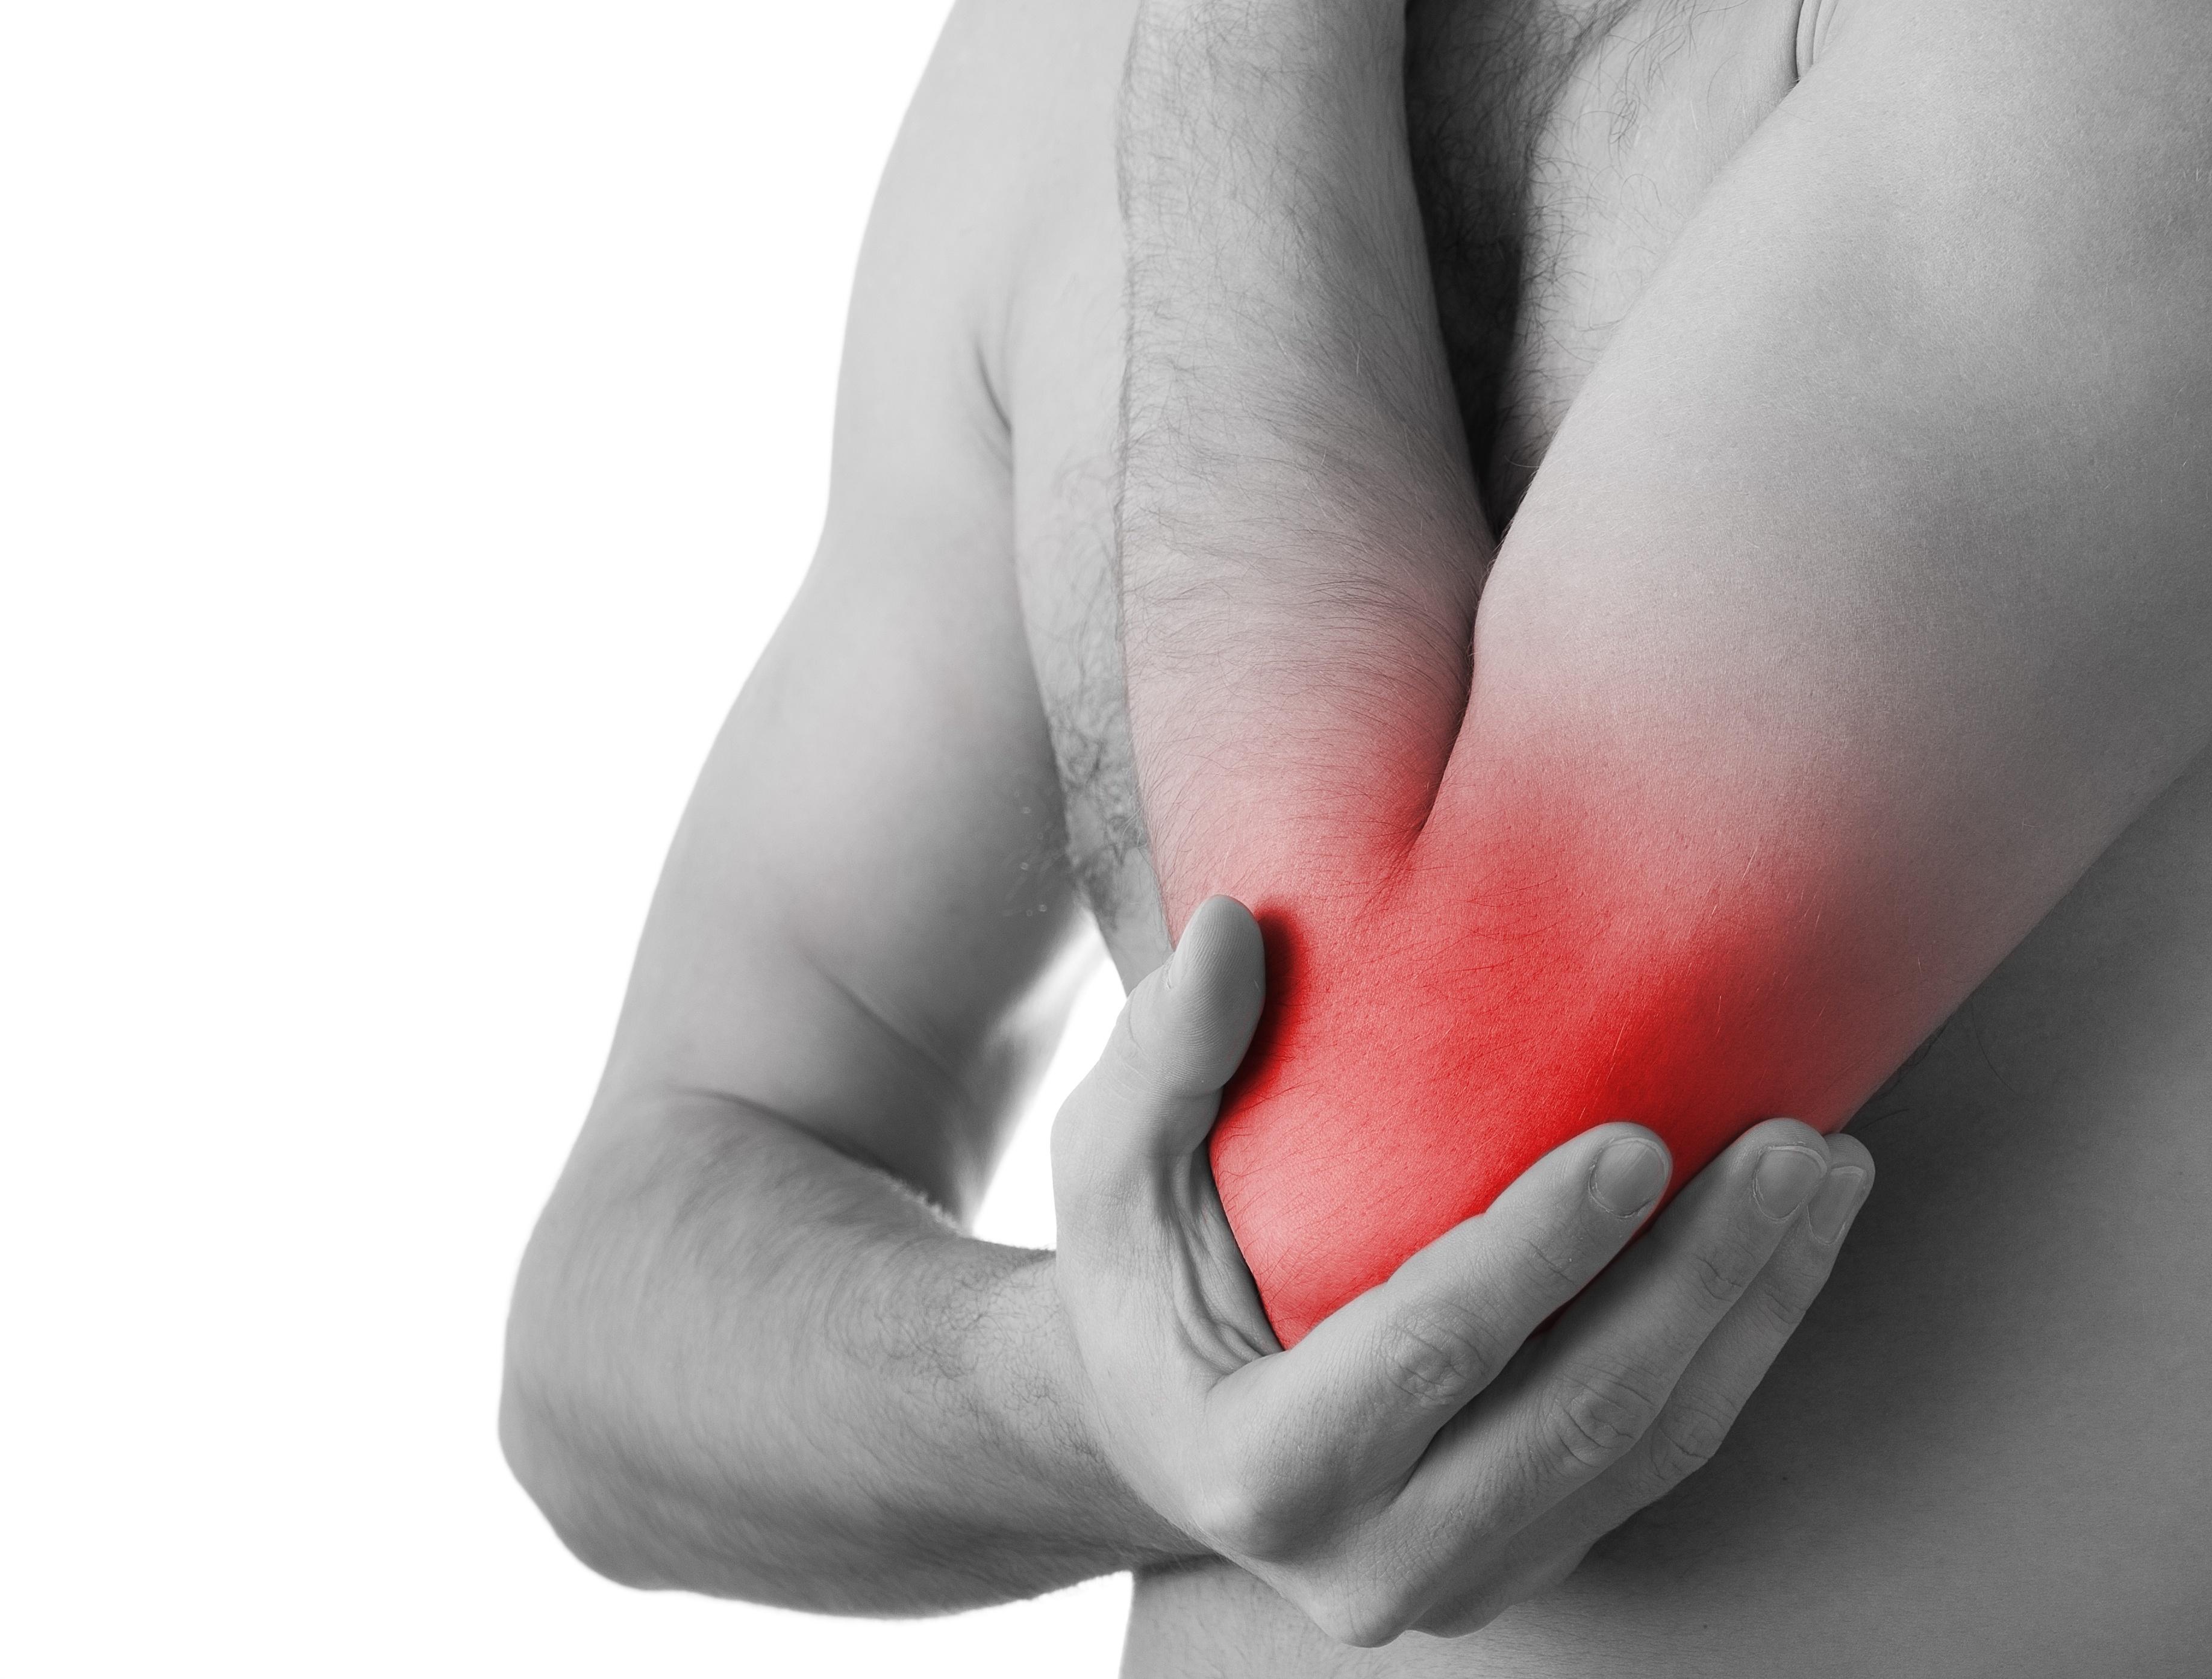 csípőízületi gyulladás tünetei és kezelése hogyan kezeljük a vállízület rheumatoid arthritisét